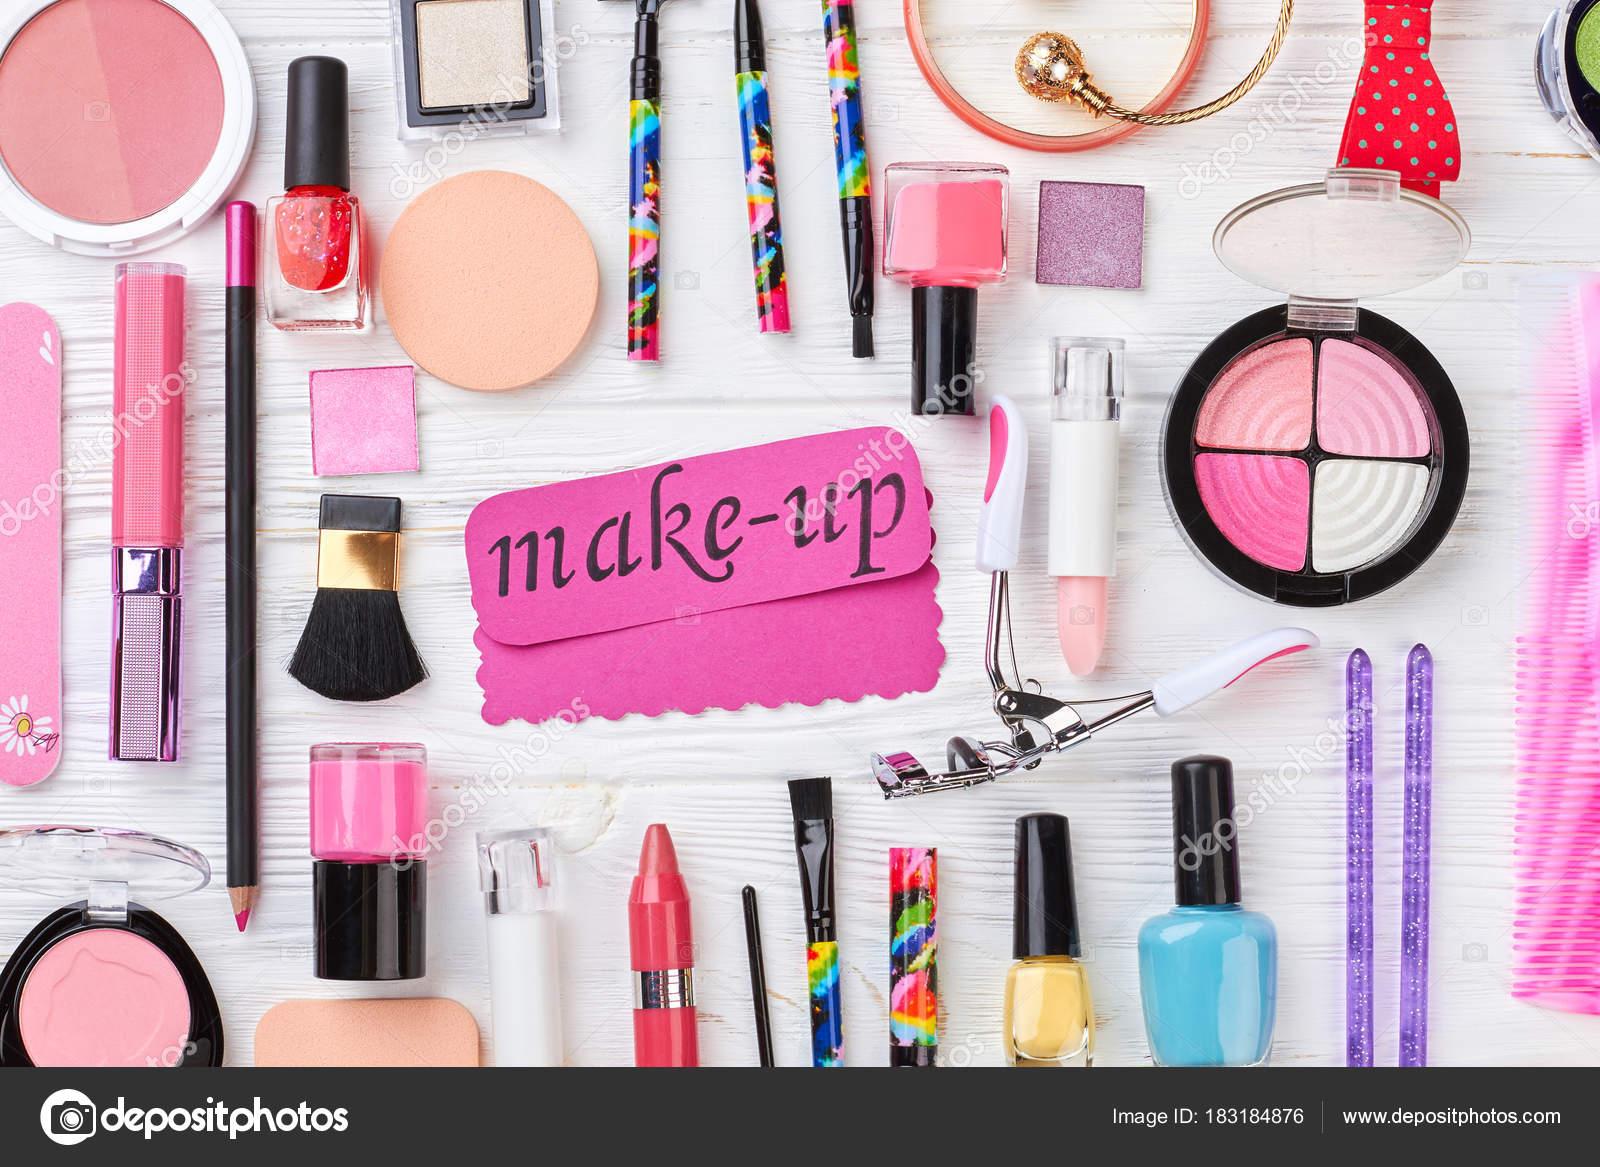 da285ea0c Cosméticos de belleza damas y accesorios. Productos cosméticos coloridos y  joyas sobre fondo blanco de madera. Conforman la colección de accesorios de  moda ...